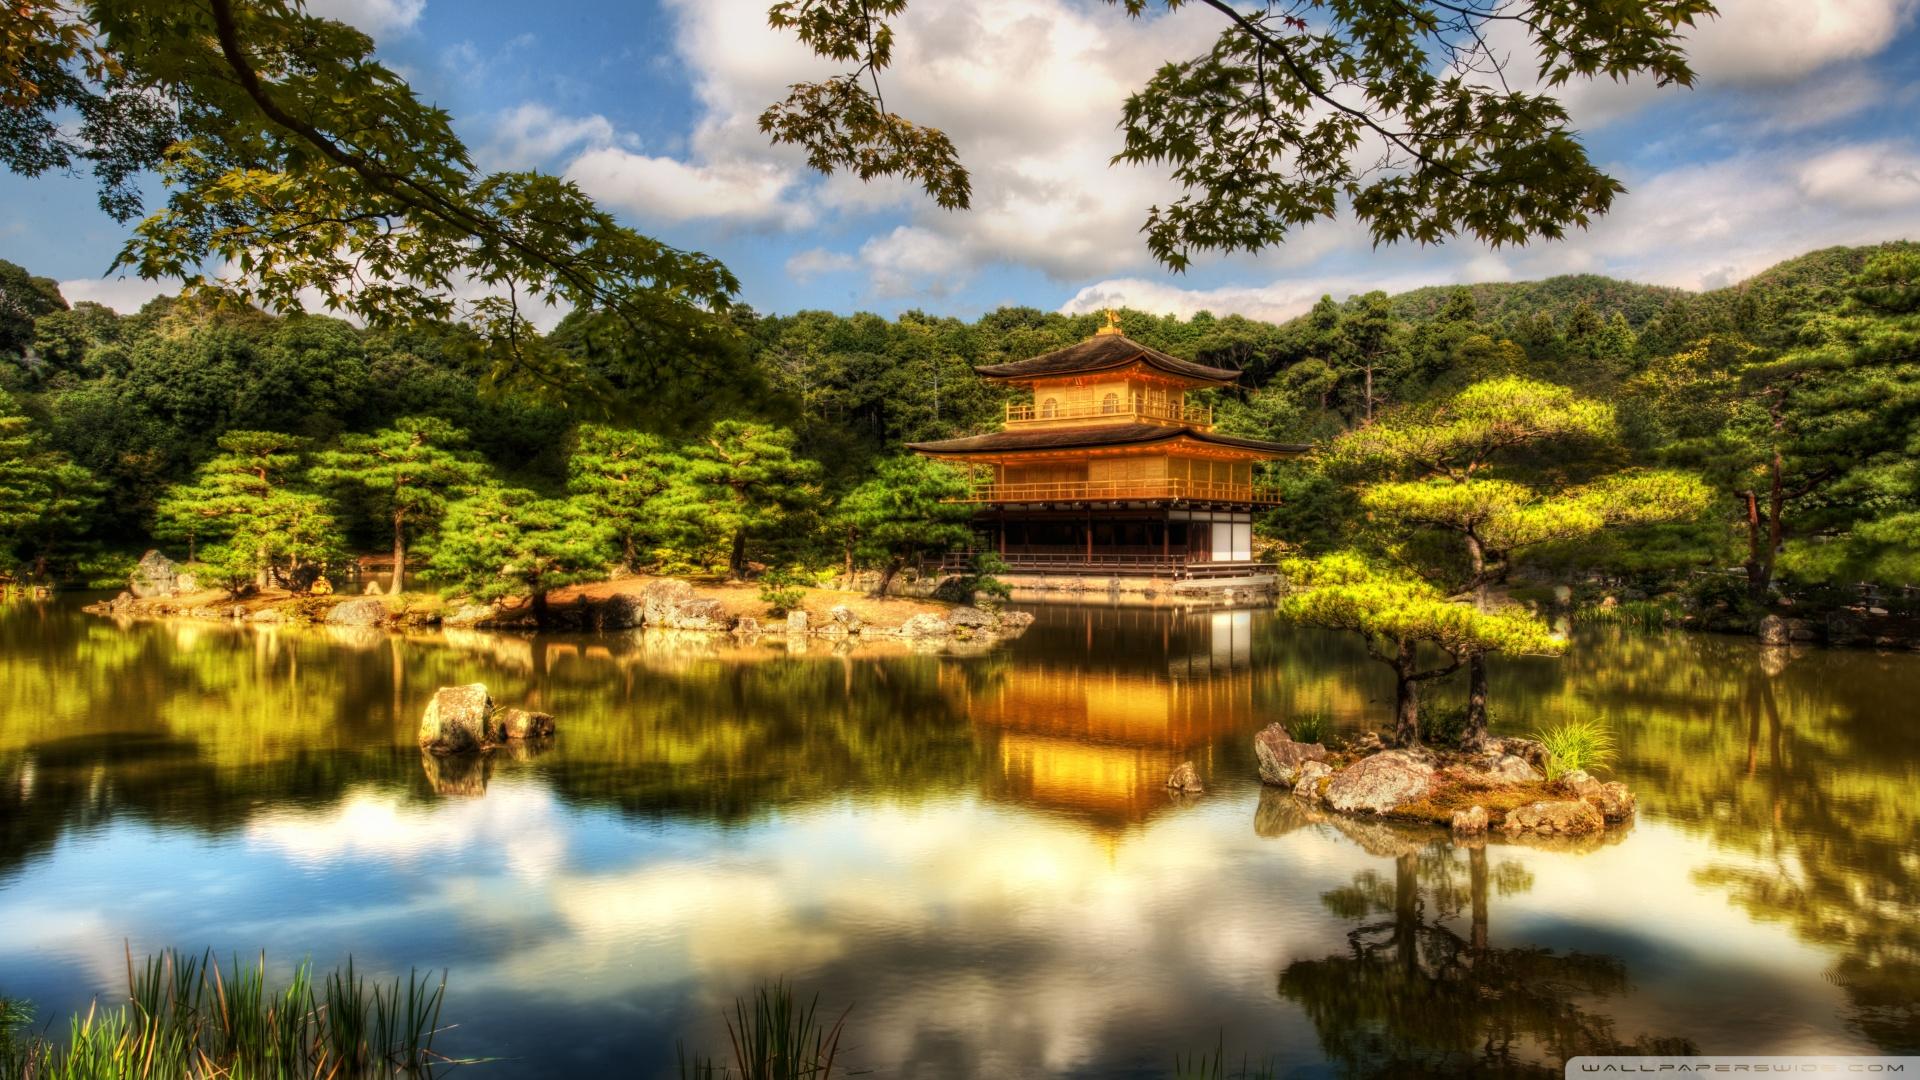 The Golden Pavilion Kyoto Wallpaper 1920x1080 The Golden Pavilion 1920x1080